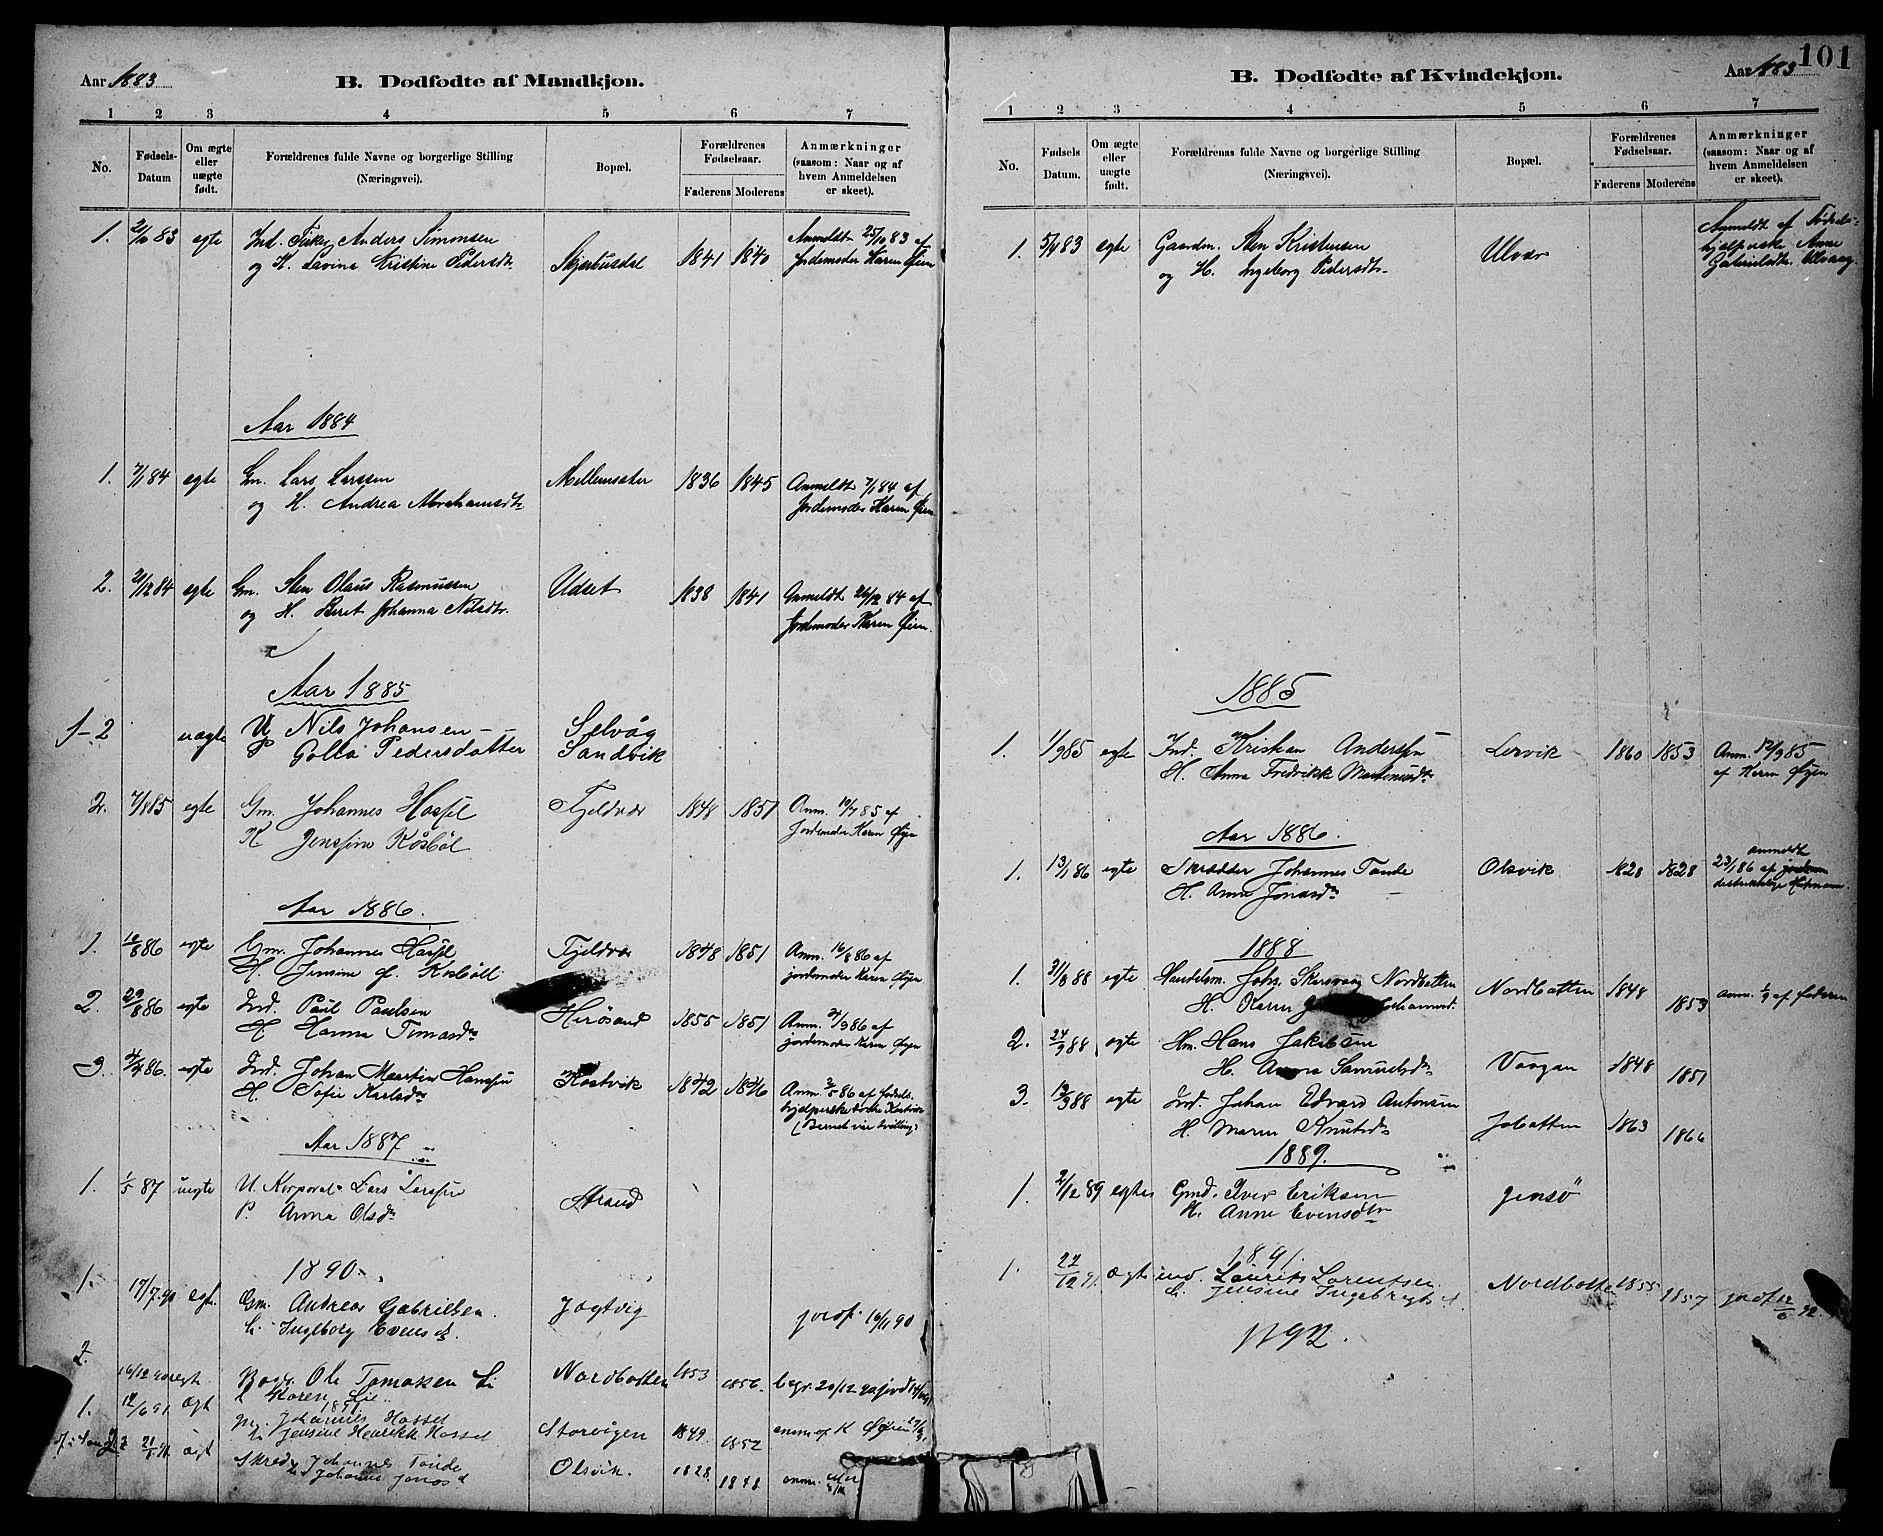 SAT, Ministerialprotokoller, klokkerbøker og fødselsregistre - Sør-Trøndelag, 637/L0562: Klokkerbok nr. 637C03, 1883-1898, s. 101